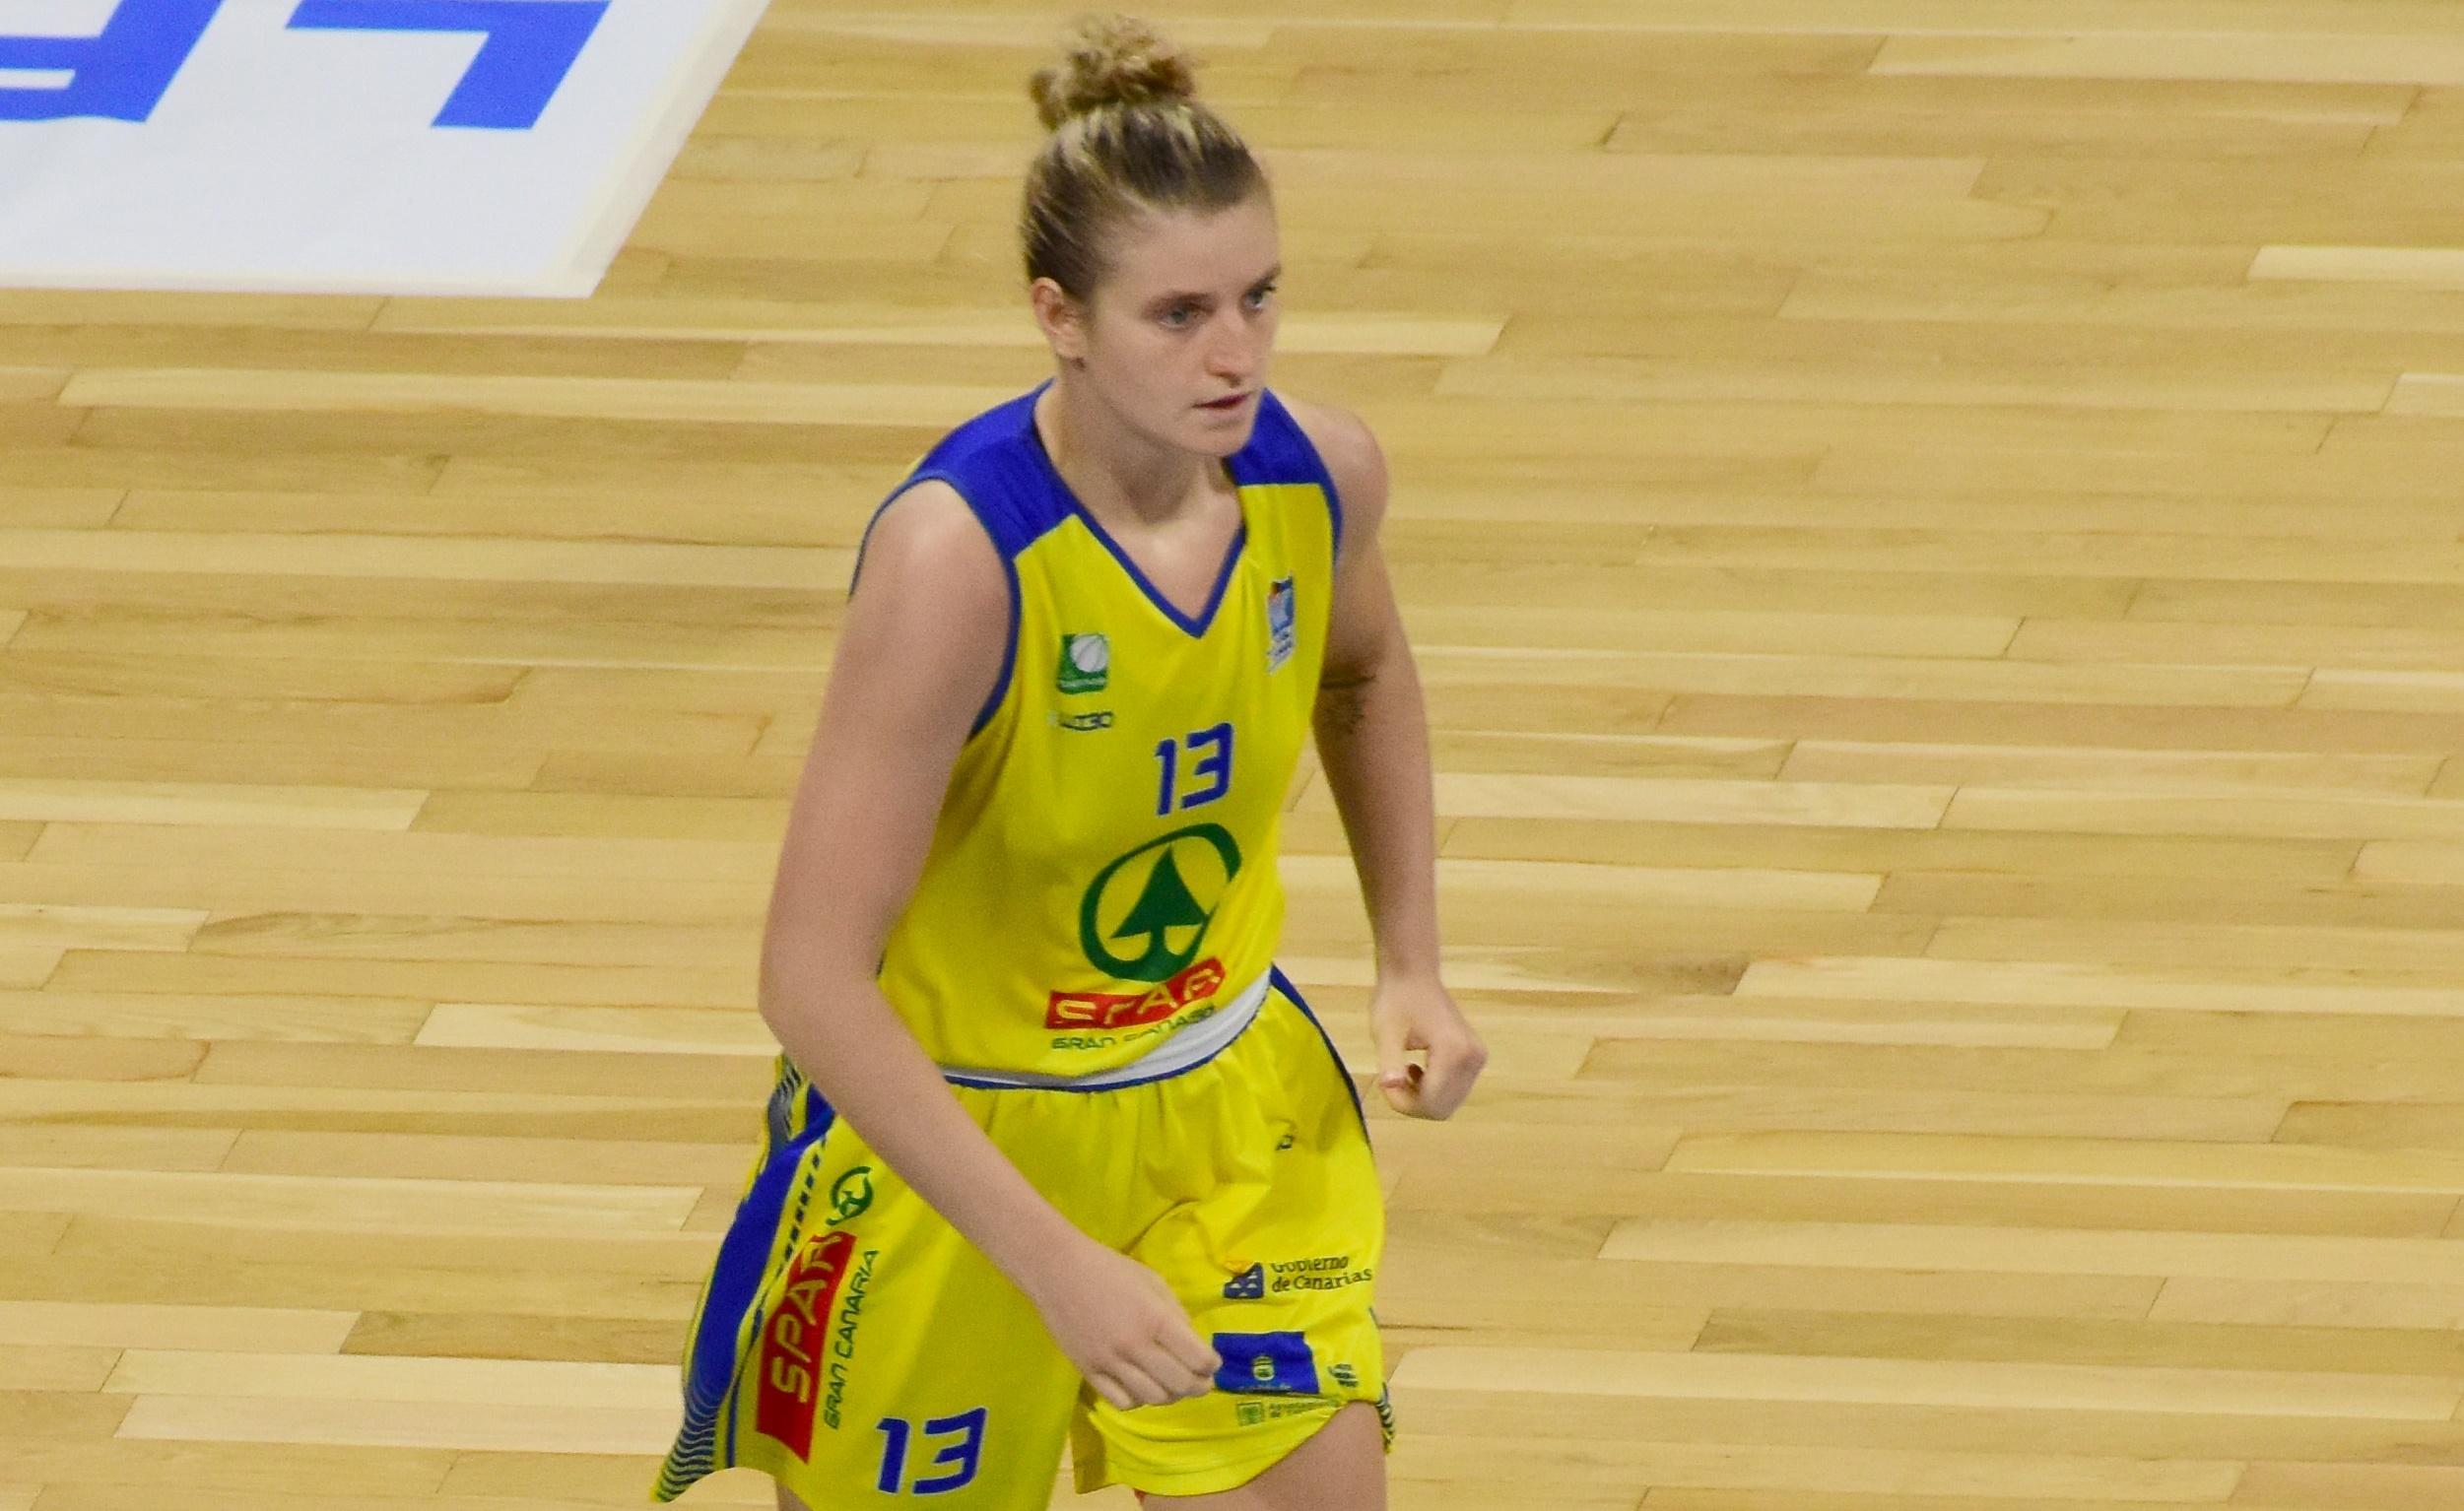 Alina Hartmann cumplirá su segunda temporada en el CB Islas Canarias